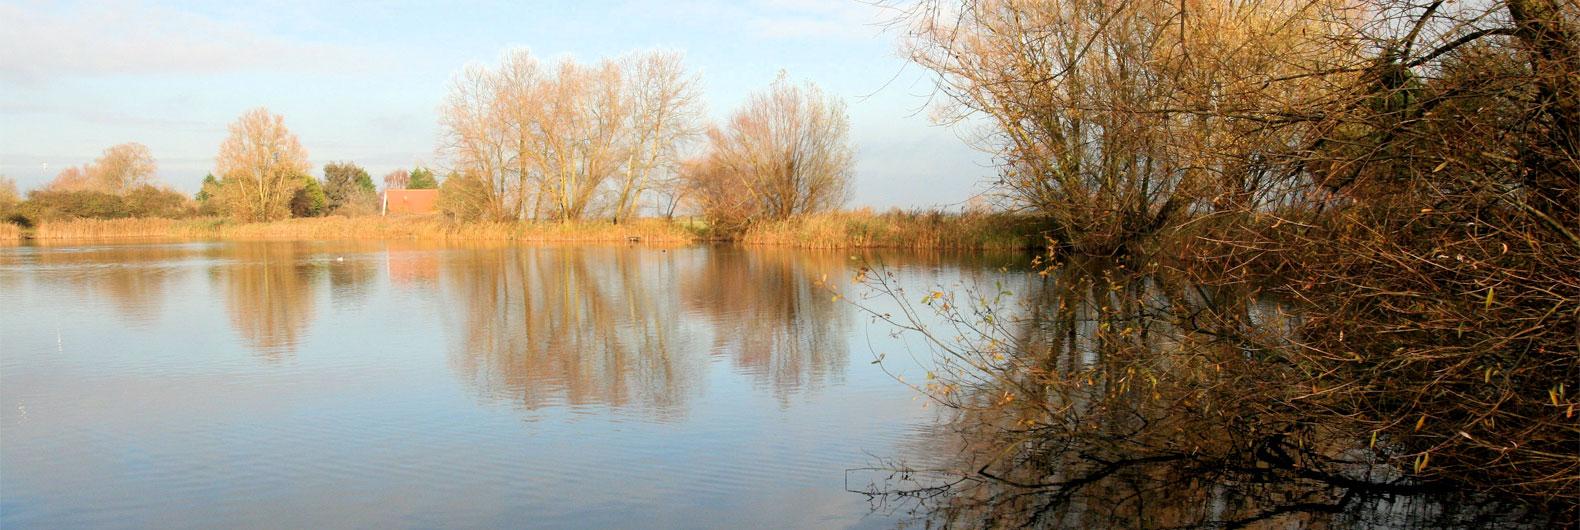 willow-lake-01